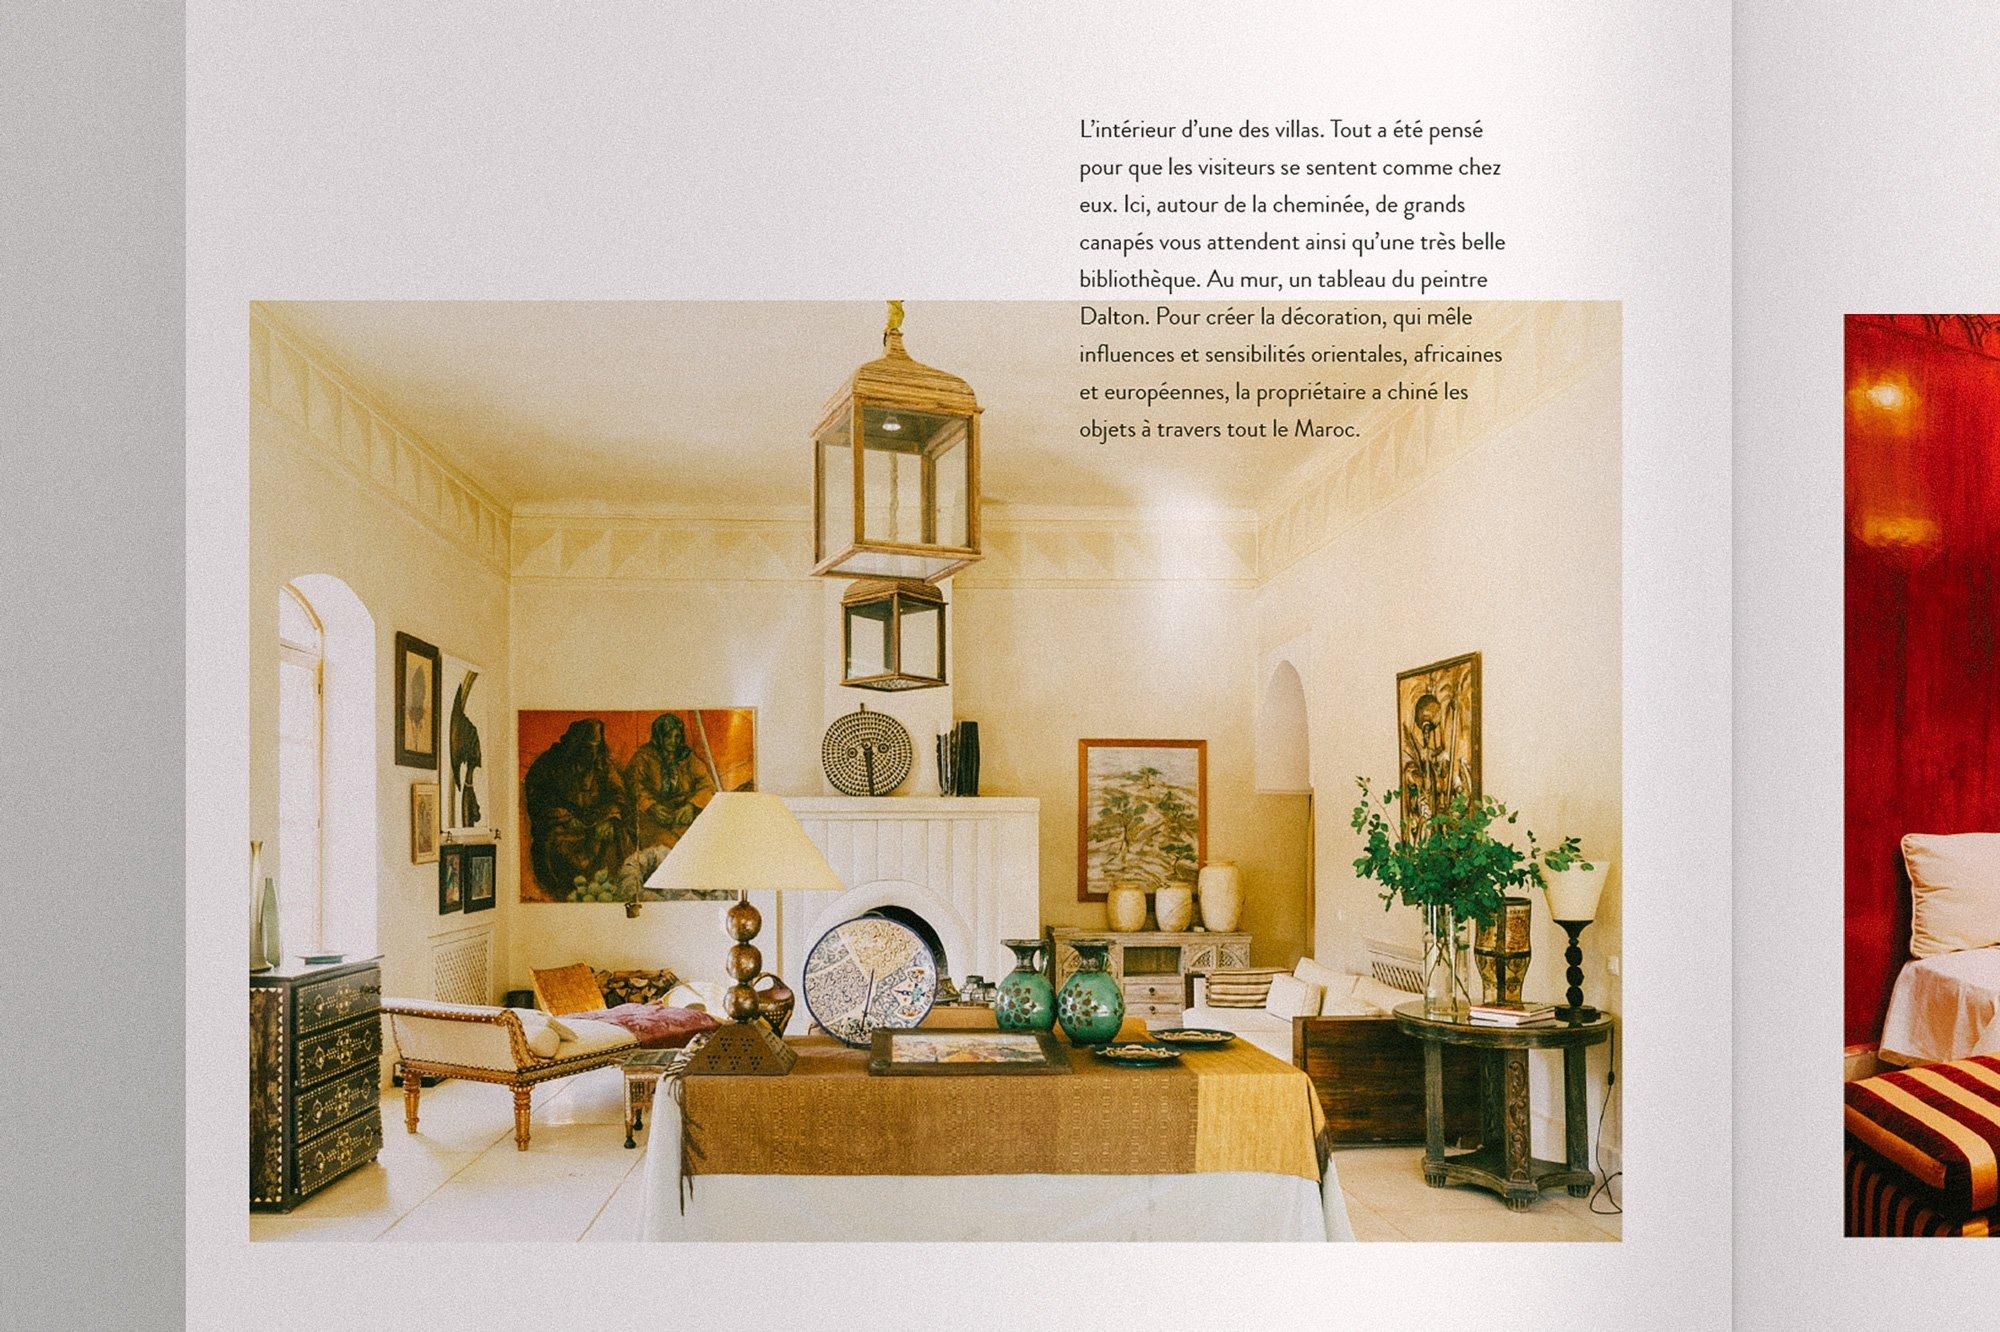 disposition photo mur mur lumineux une d blanc disposition du modle de vide fond blanc avec. Black Bedroom Furniture Sets. Home Design Ideas